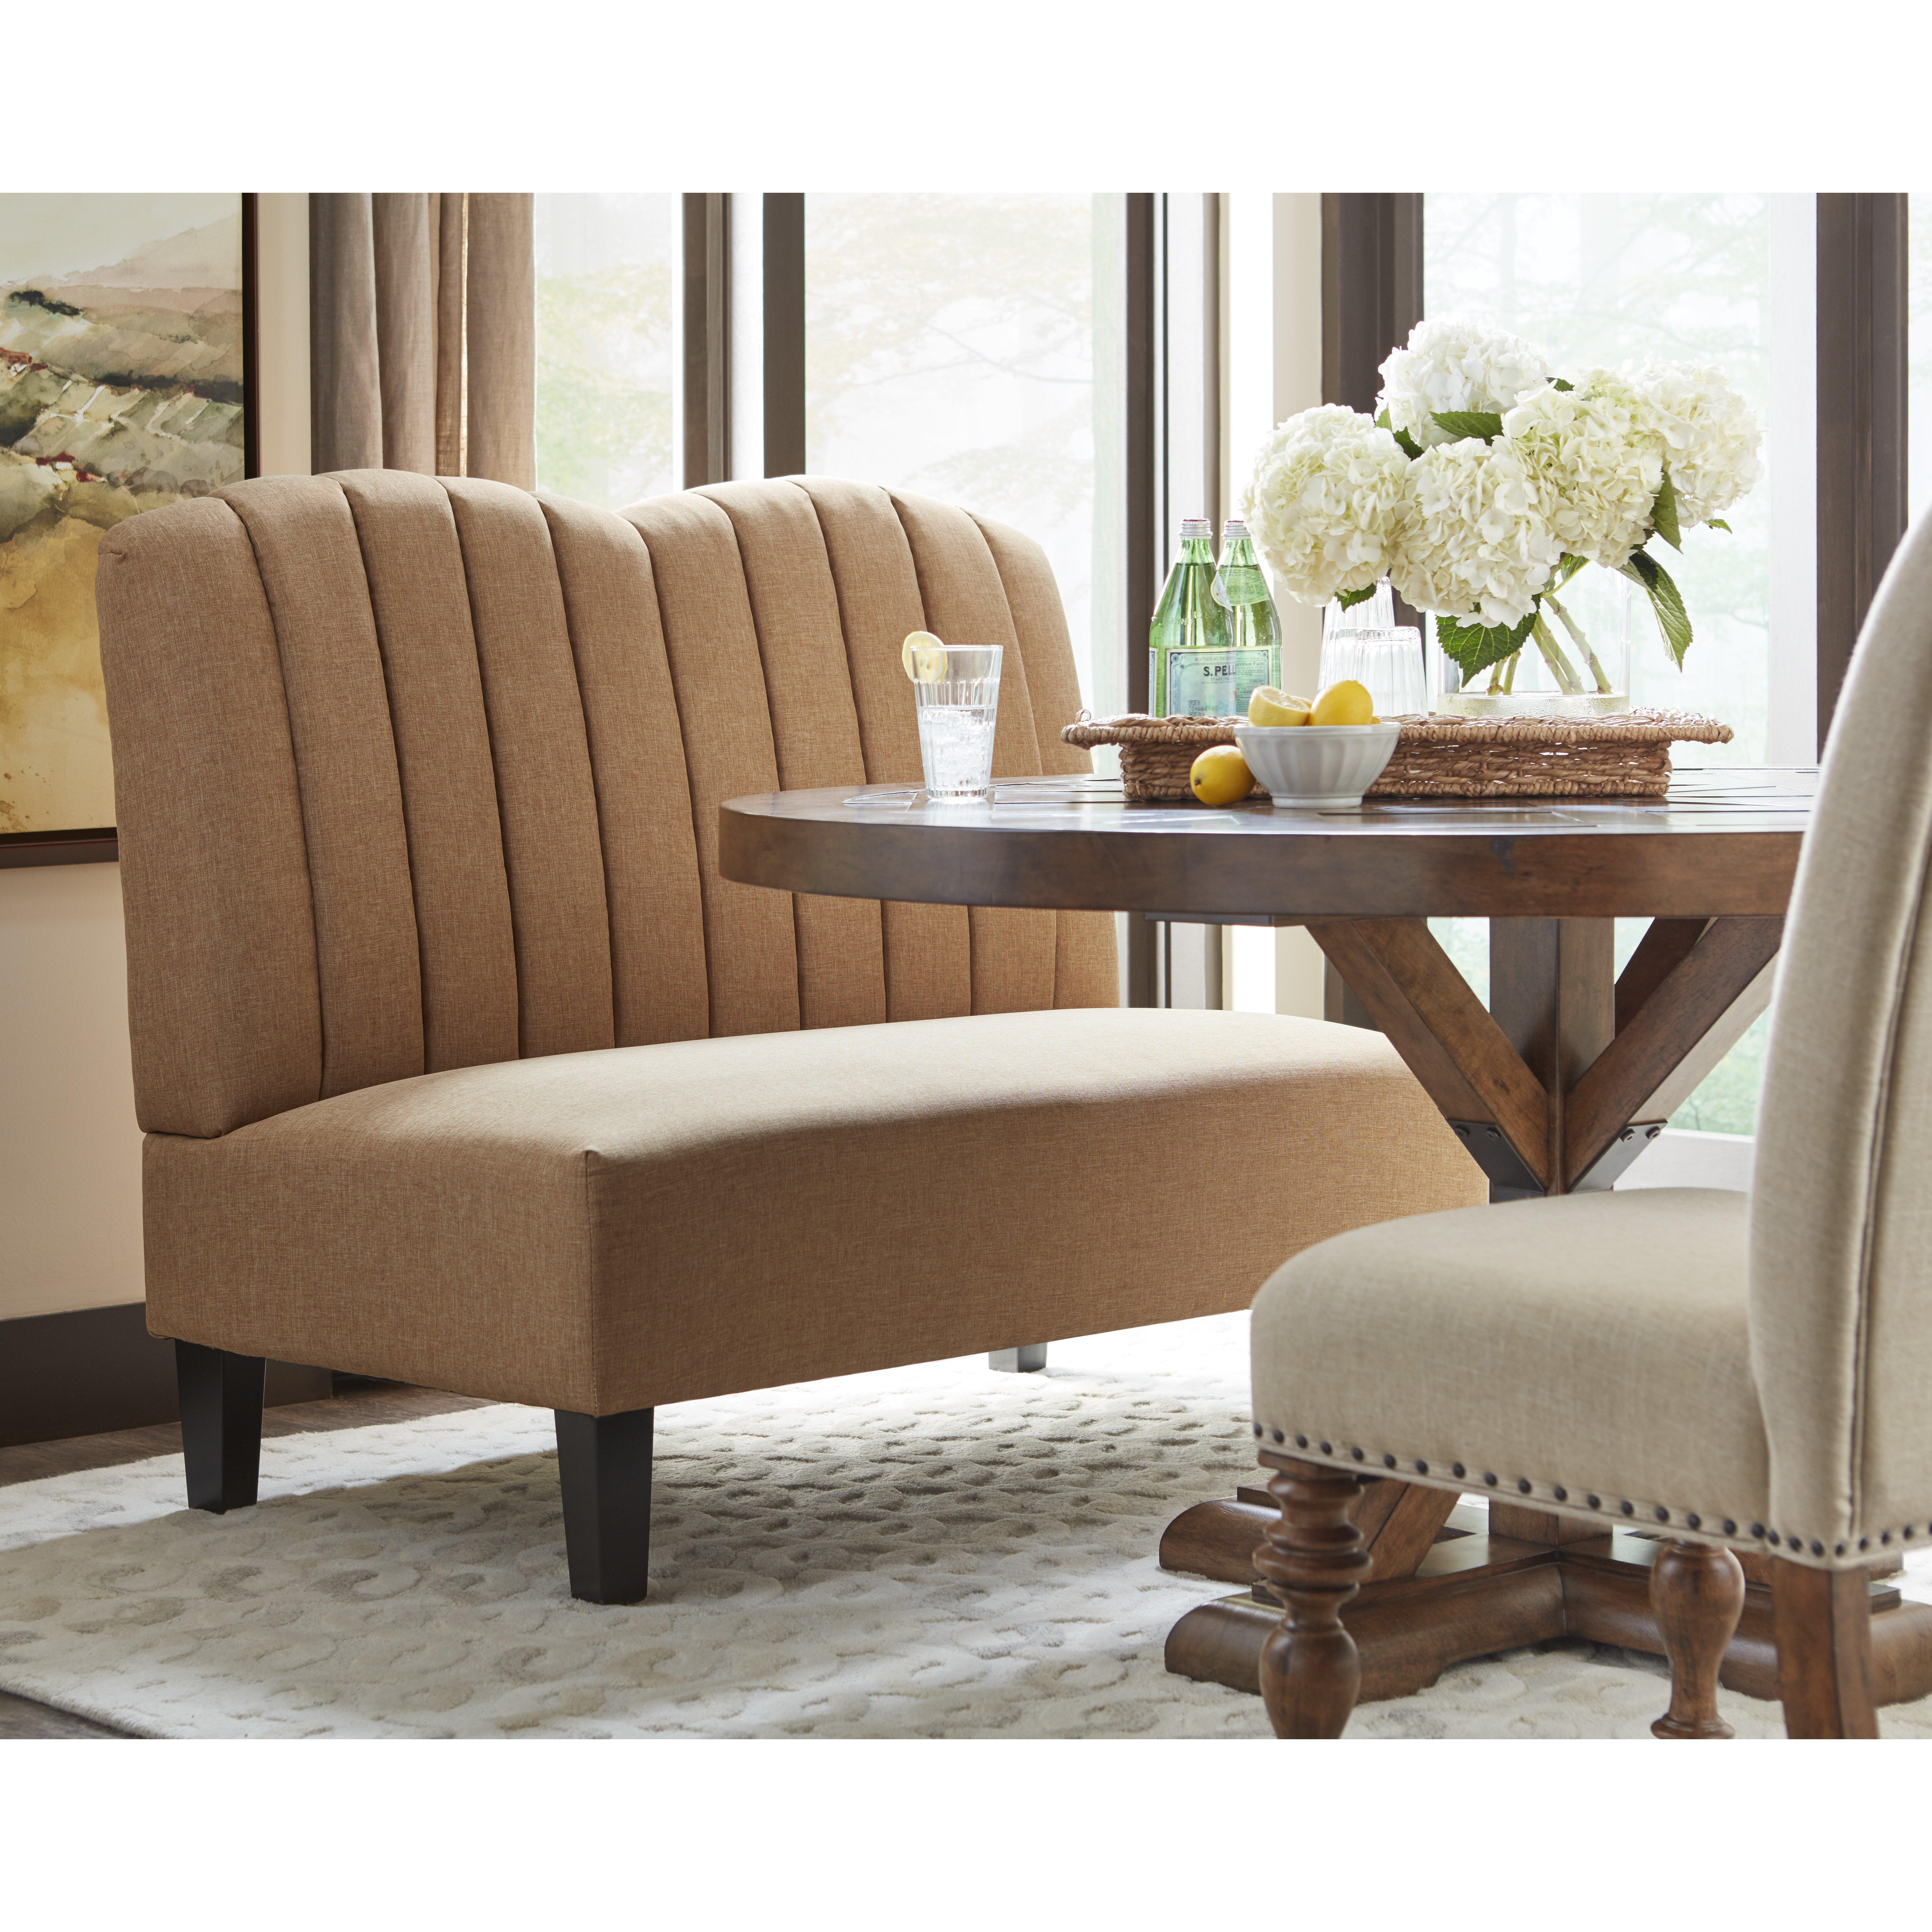 Upholstered Banquette: PRI Upholstered Banquette In Hayden Honey & Reviews